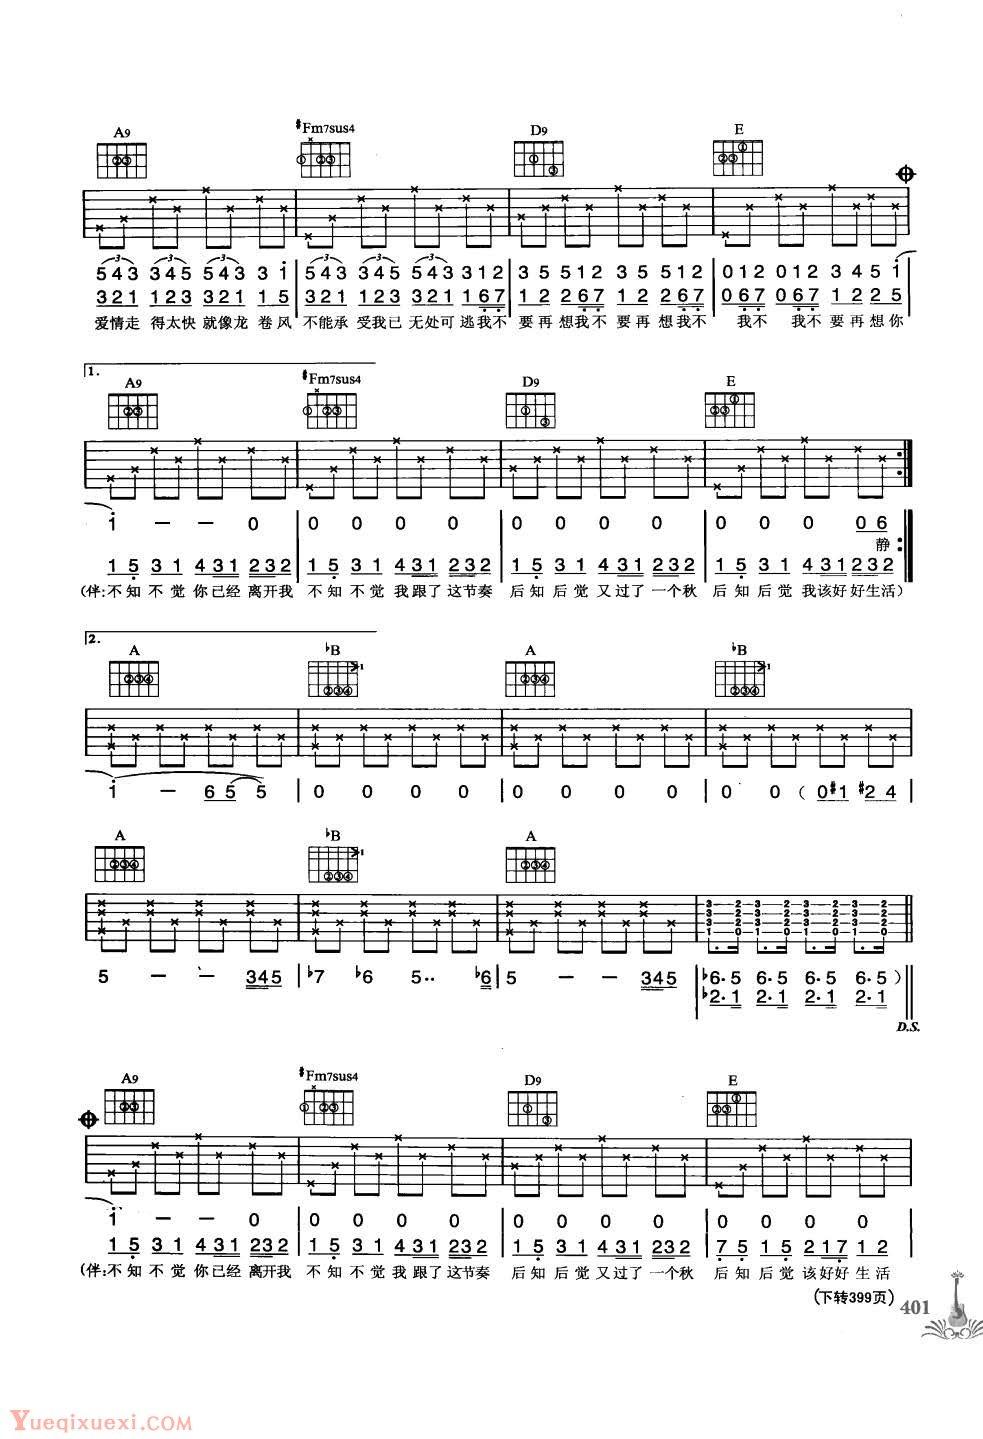 龙卷风 周杰伦 - 吉他谱 - 嗨吉他